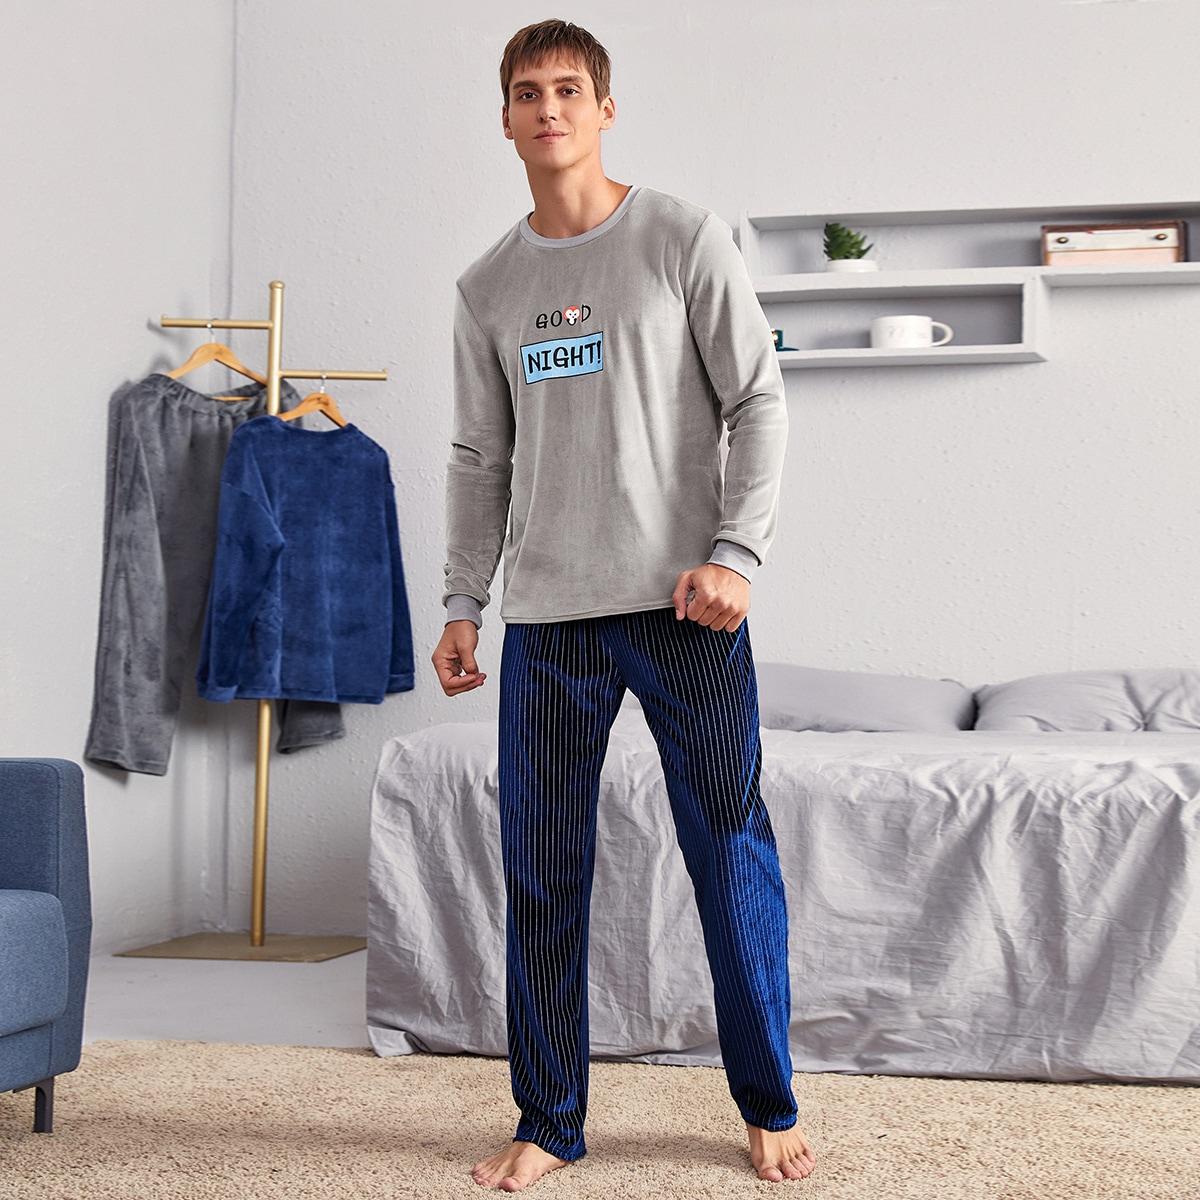 Мужская бархатная пижама с текстовым и мультипликационным принтом